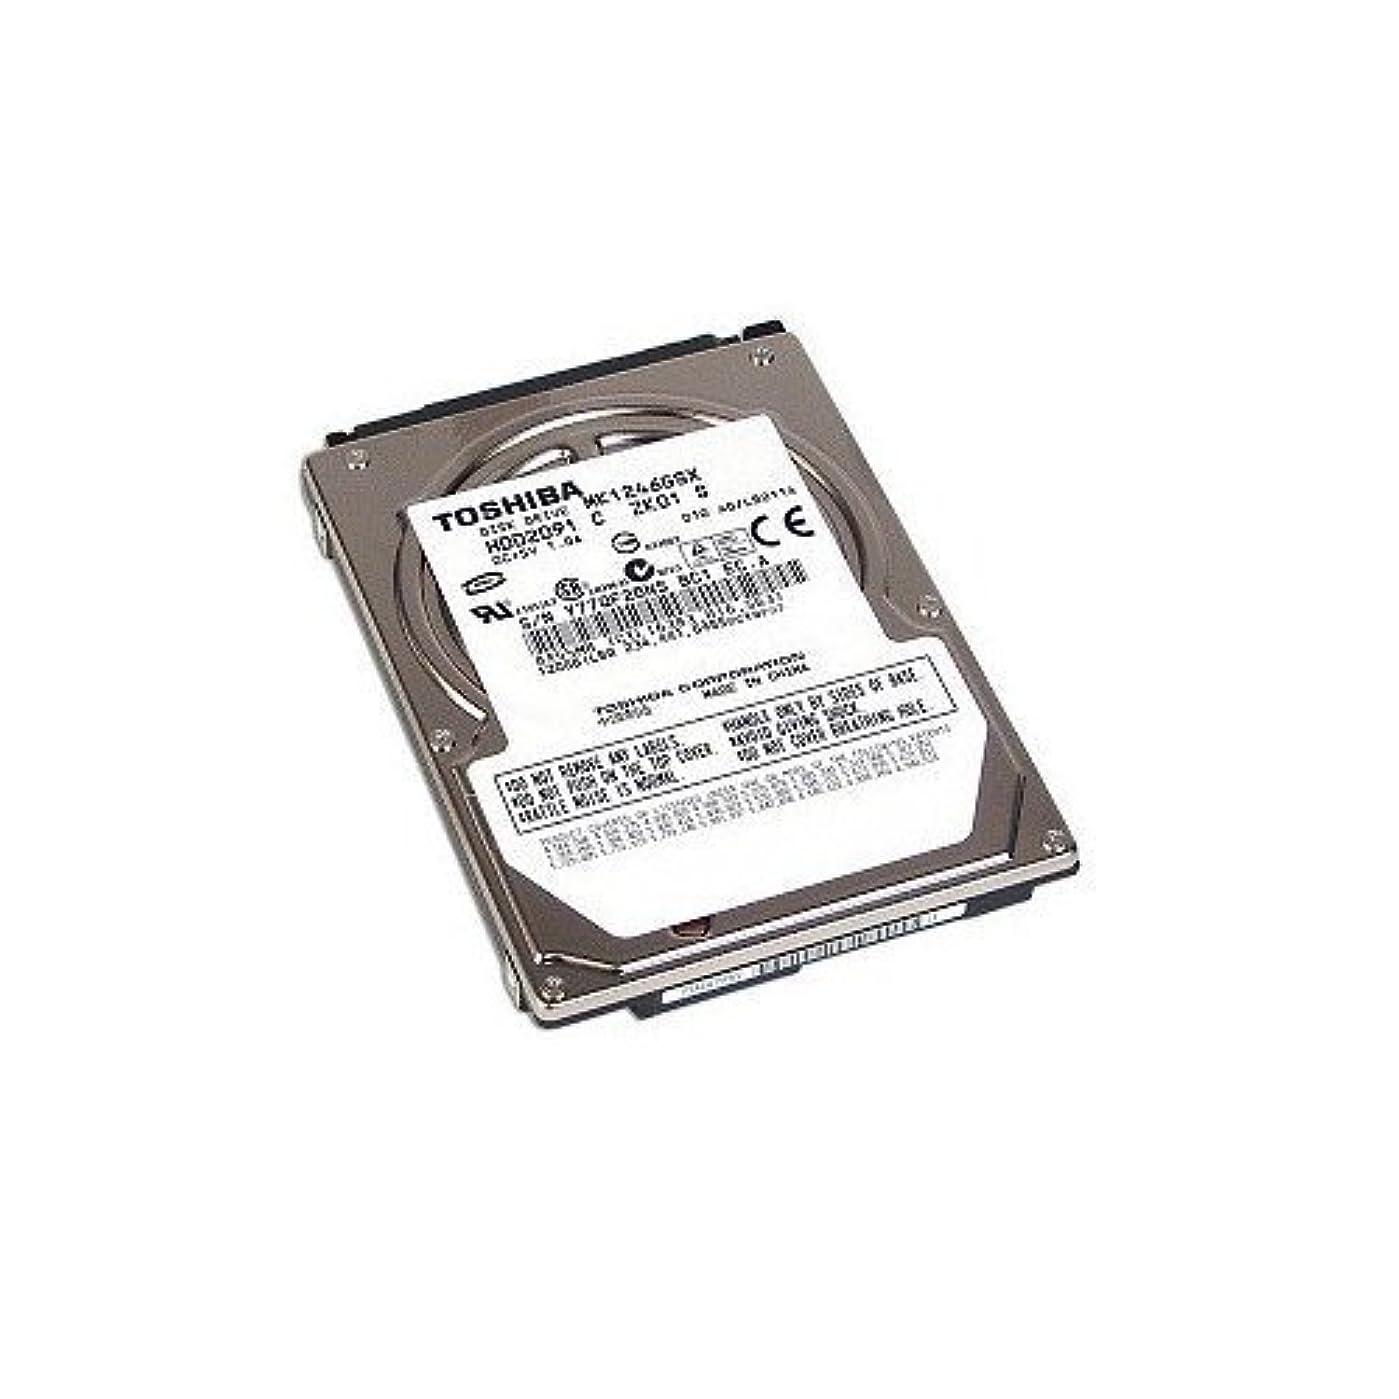 ポップ入学する促す東芝 MK1246GSX 2.5 インチ 120 GB 内蔵 HDD ノートブック (HDD2D91)。